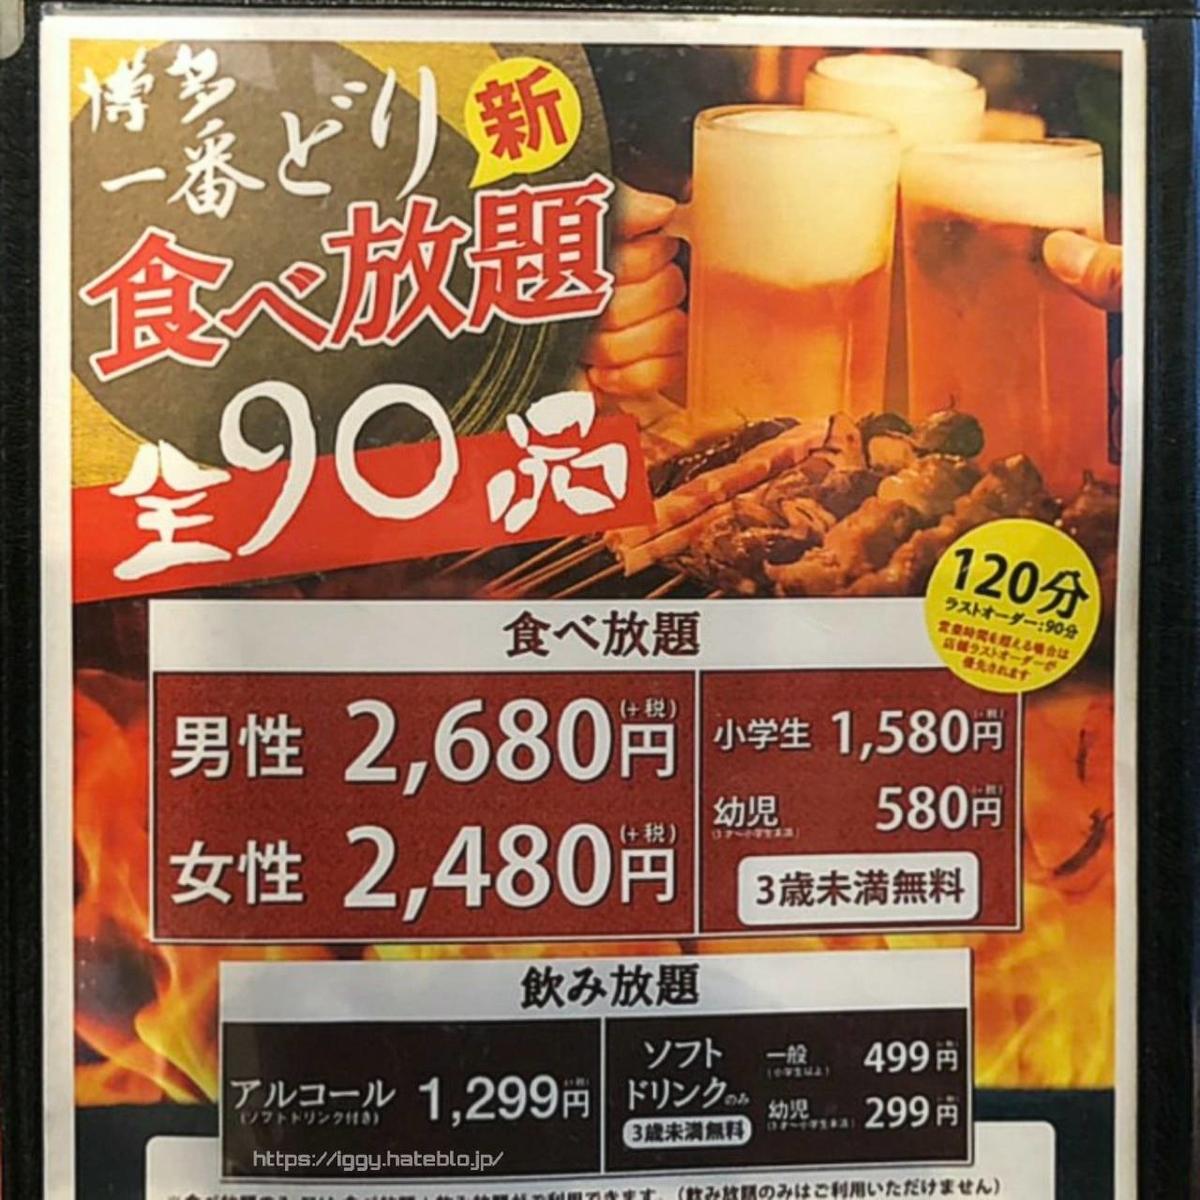 博多一番どり 食べ放題料金 iggy2019